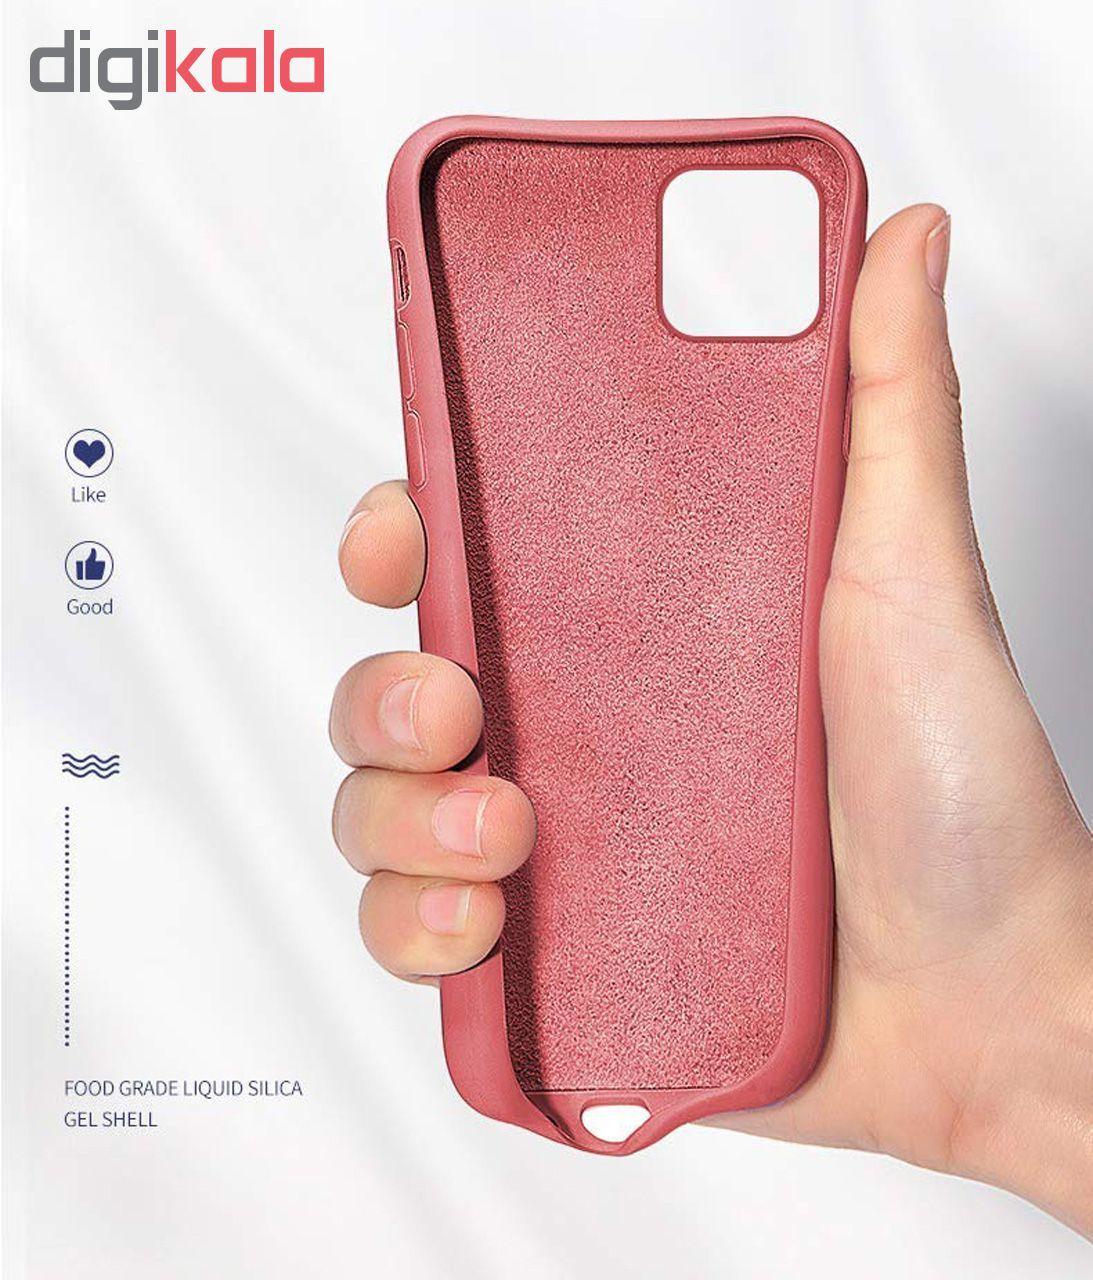 کاور وی کیس مدل Si01 مناسب برای گوشی موبایل اپل iPhone XS Max main 1 5